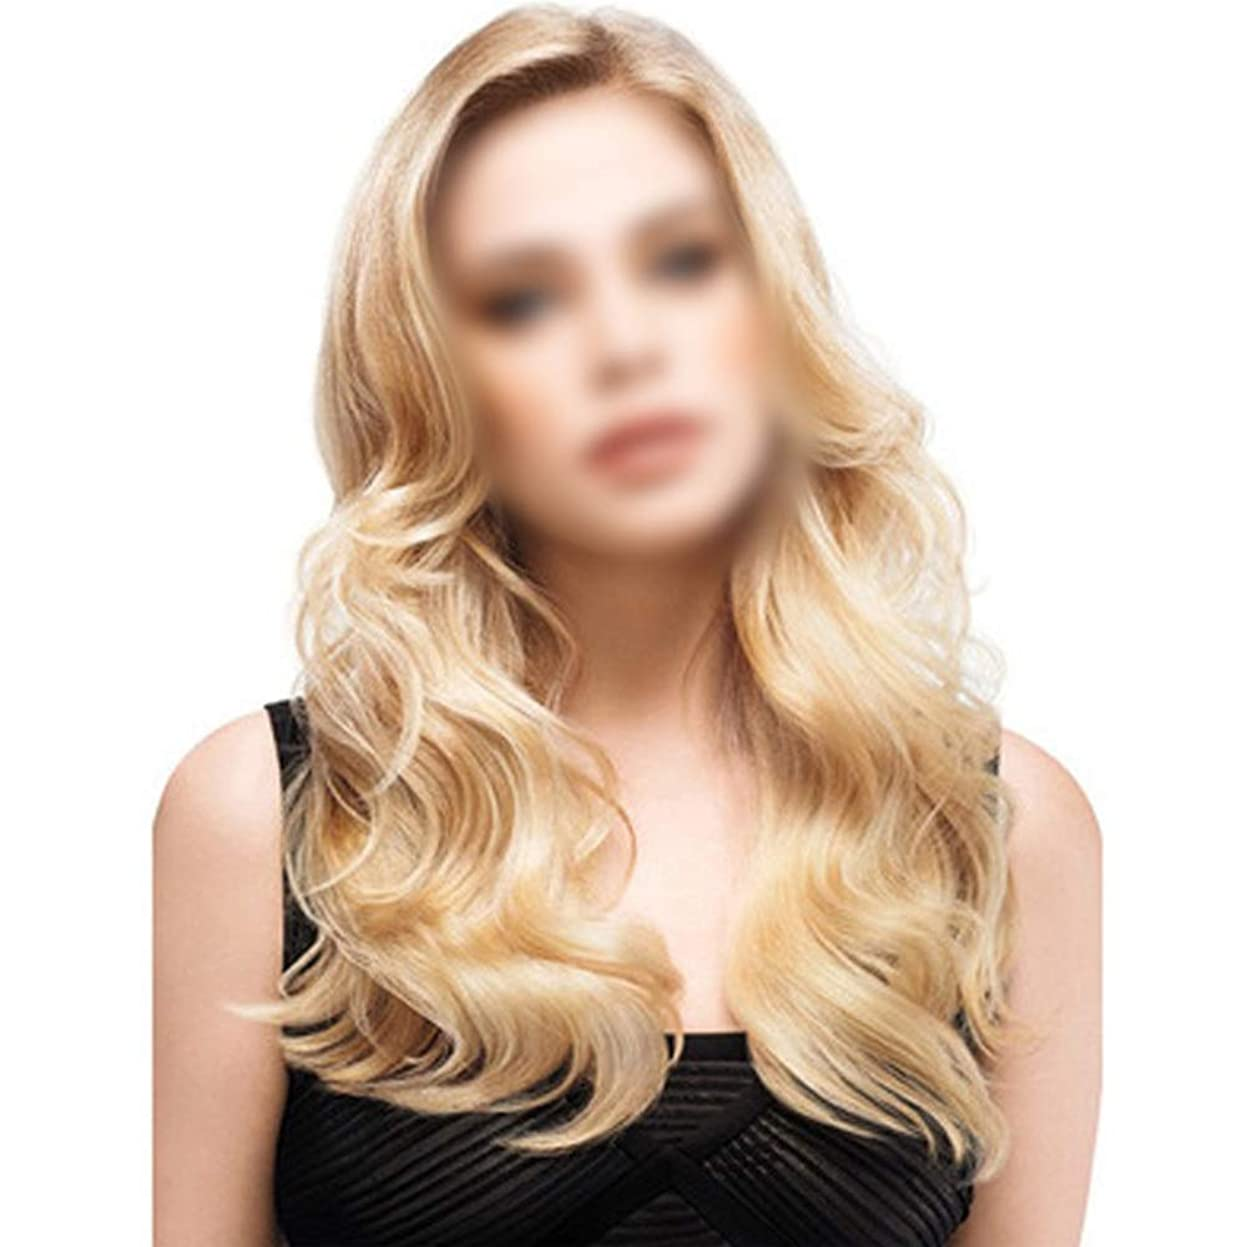 持つ実質的に予備YESONEEP 女性の日常の服のための長い巻き毛の波状のブロンドの髪かつら耐熱ファイバー+かつらキャップパーティーウィッグ (色 : Blonde, サイズ : 65cm)